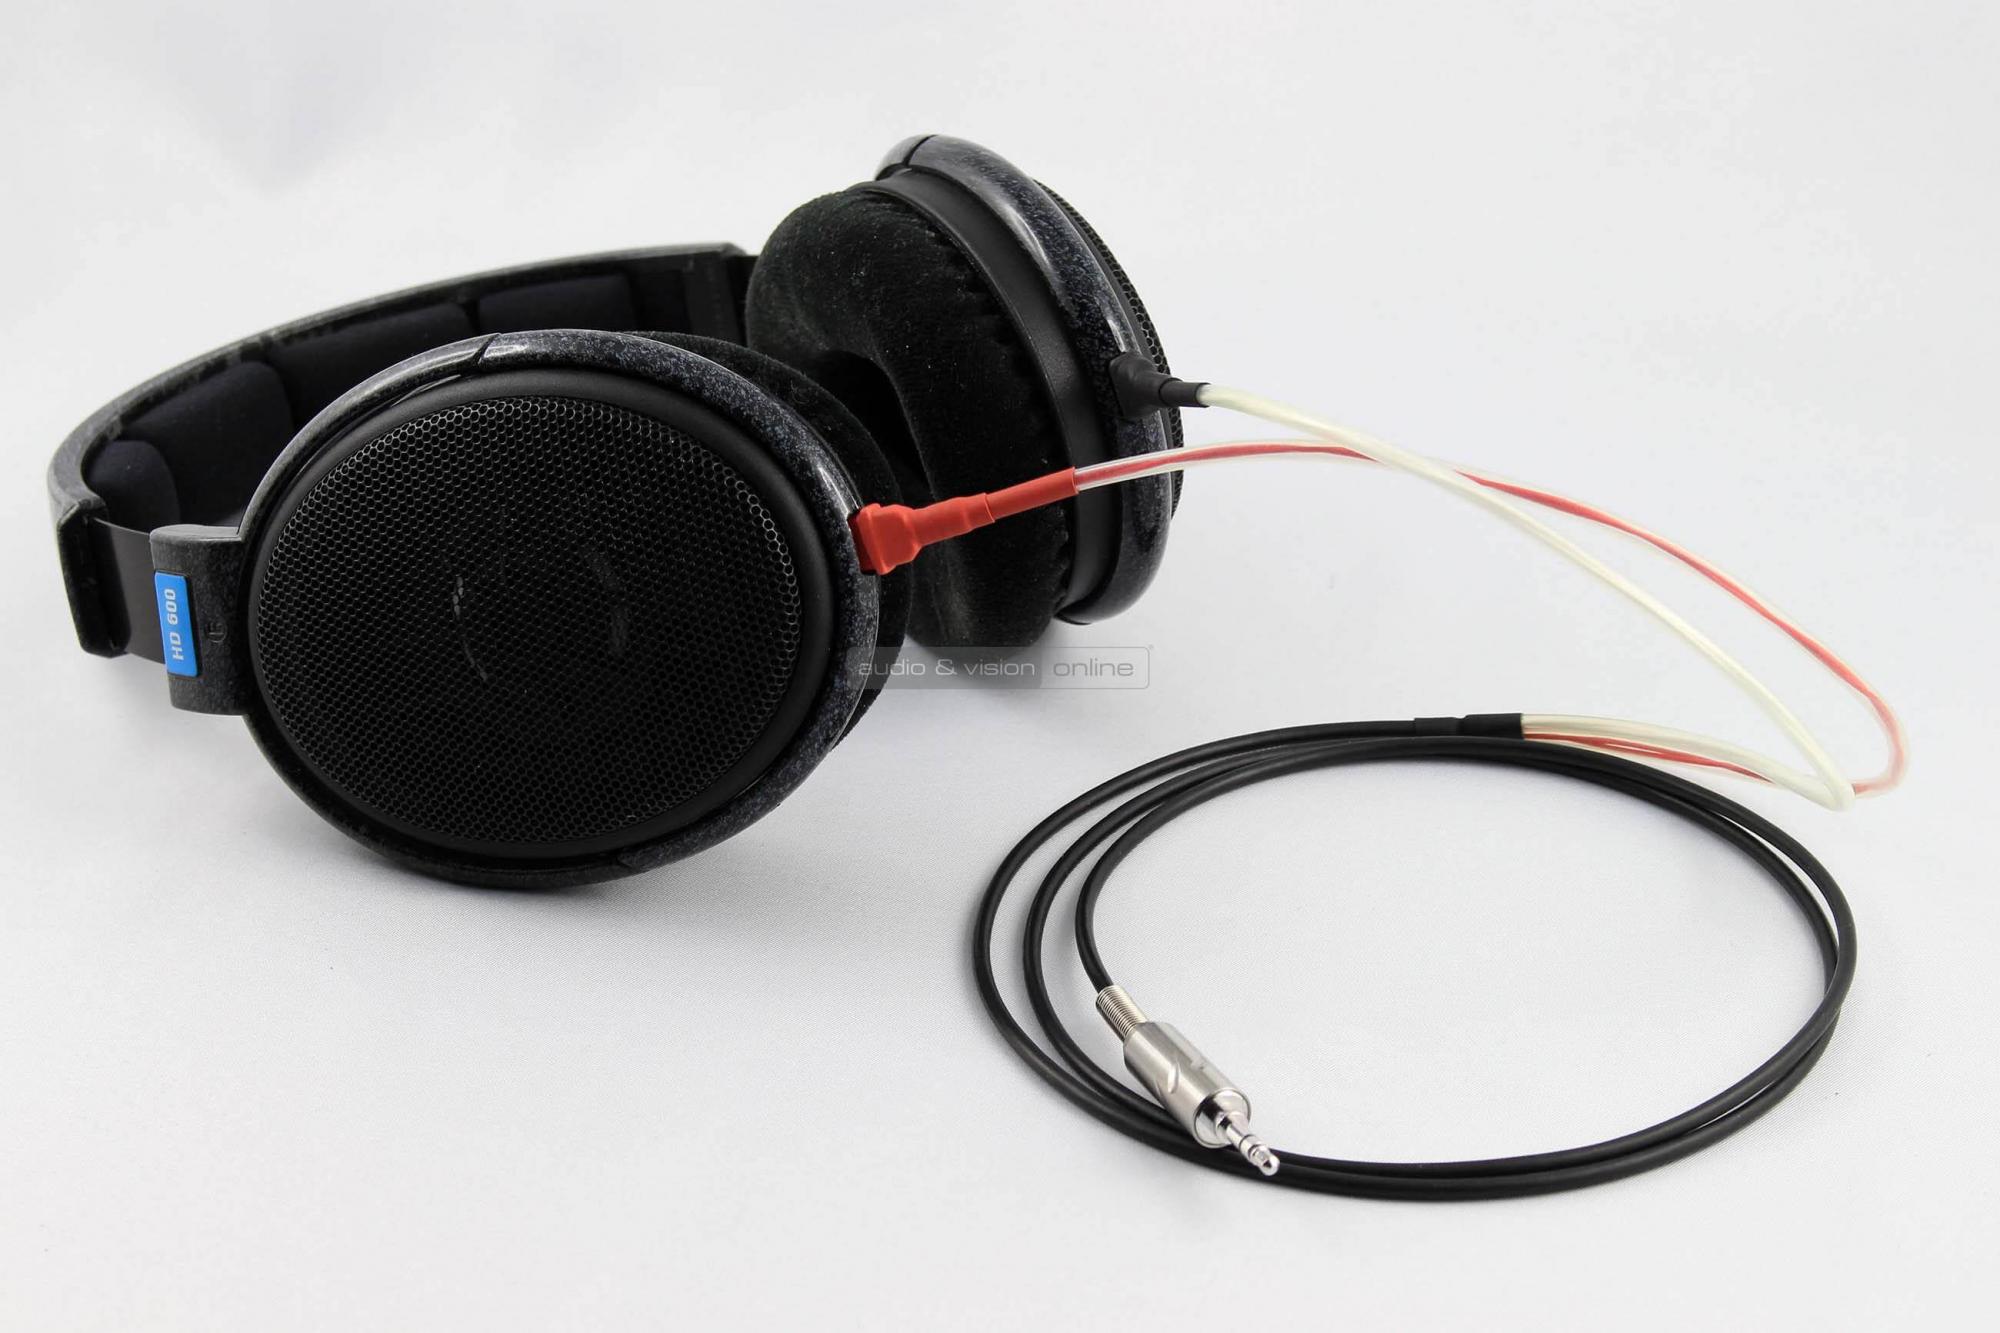 Minden a fejhallgatóról - A fejhallgatókról - általában - HangzásVilág MagazinHangzásVilág Magazin